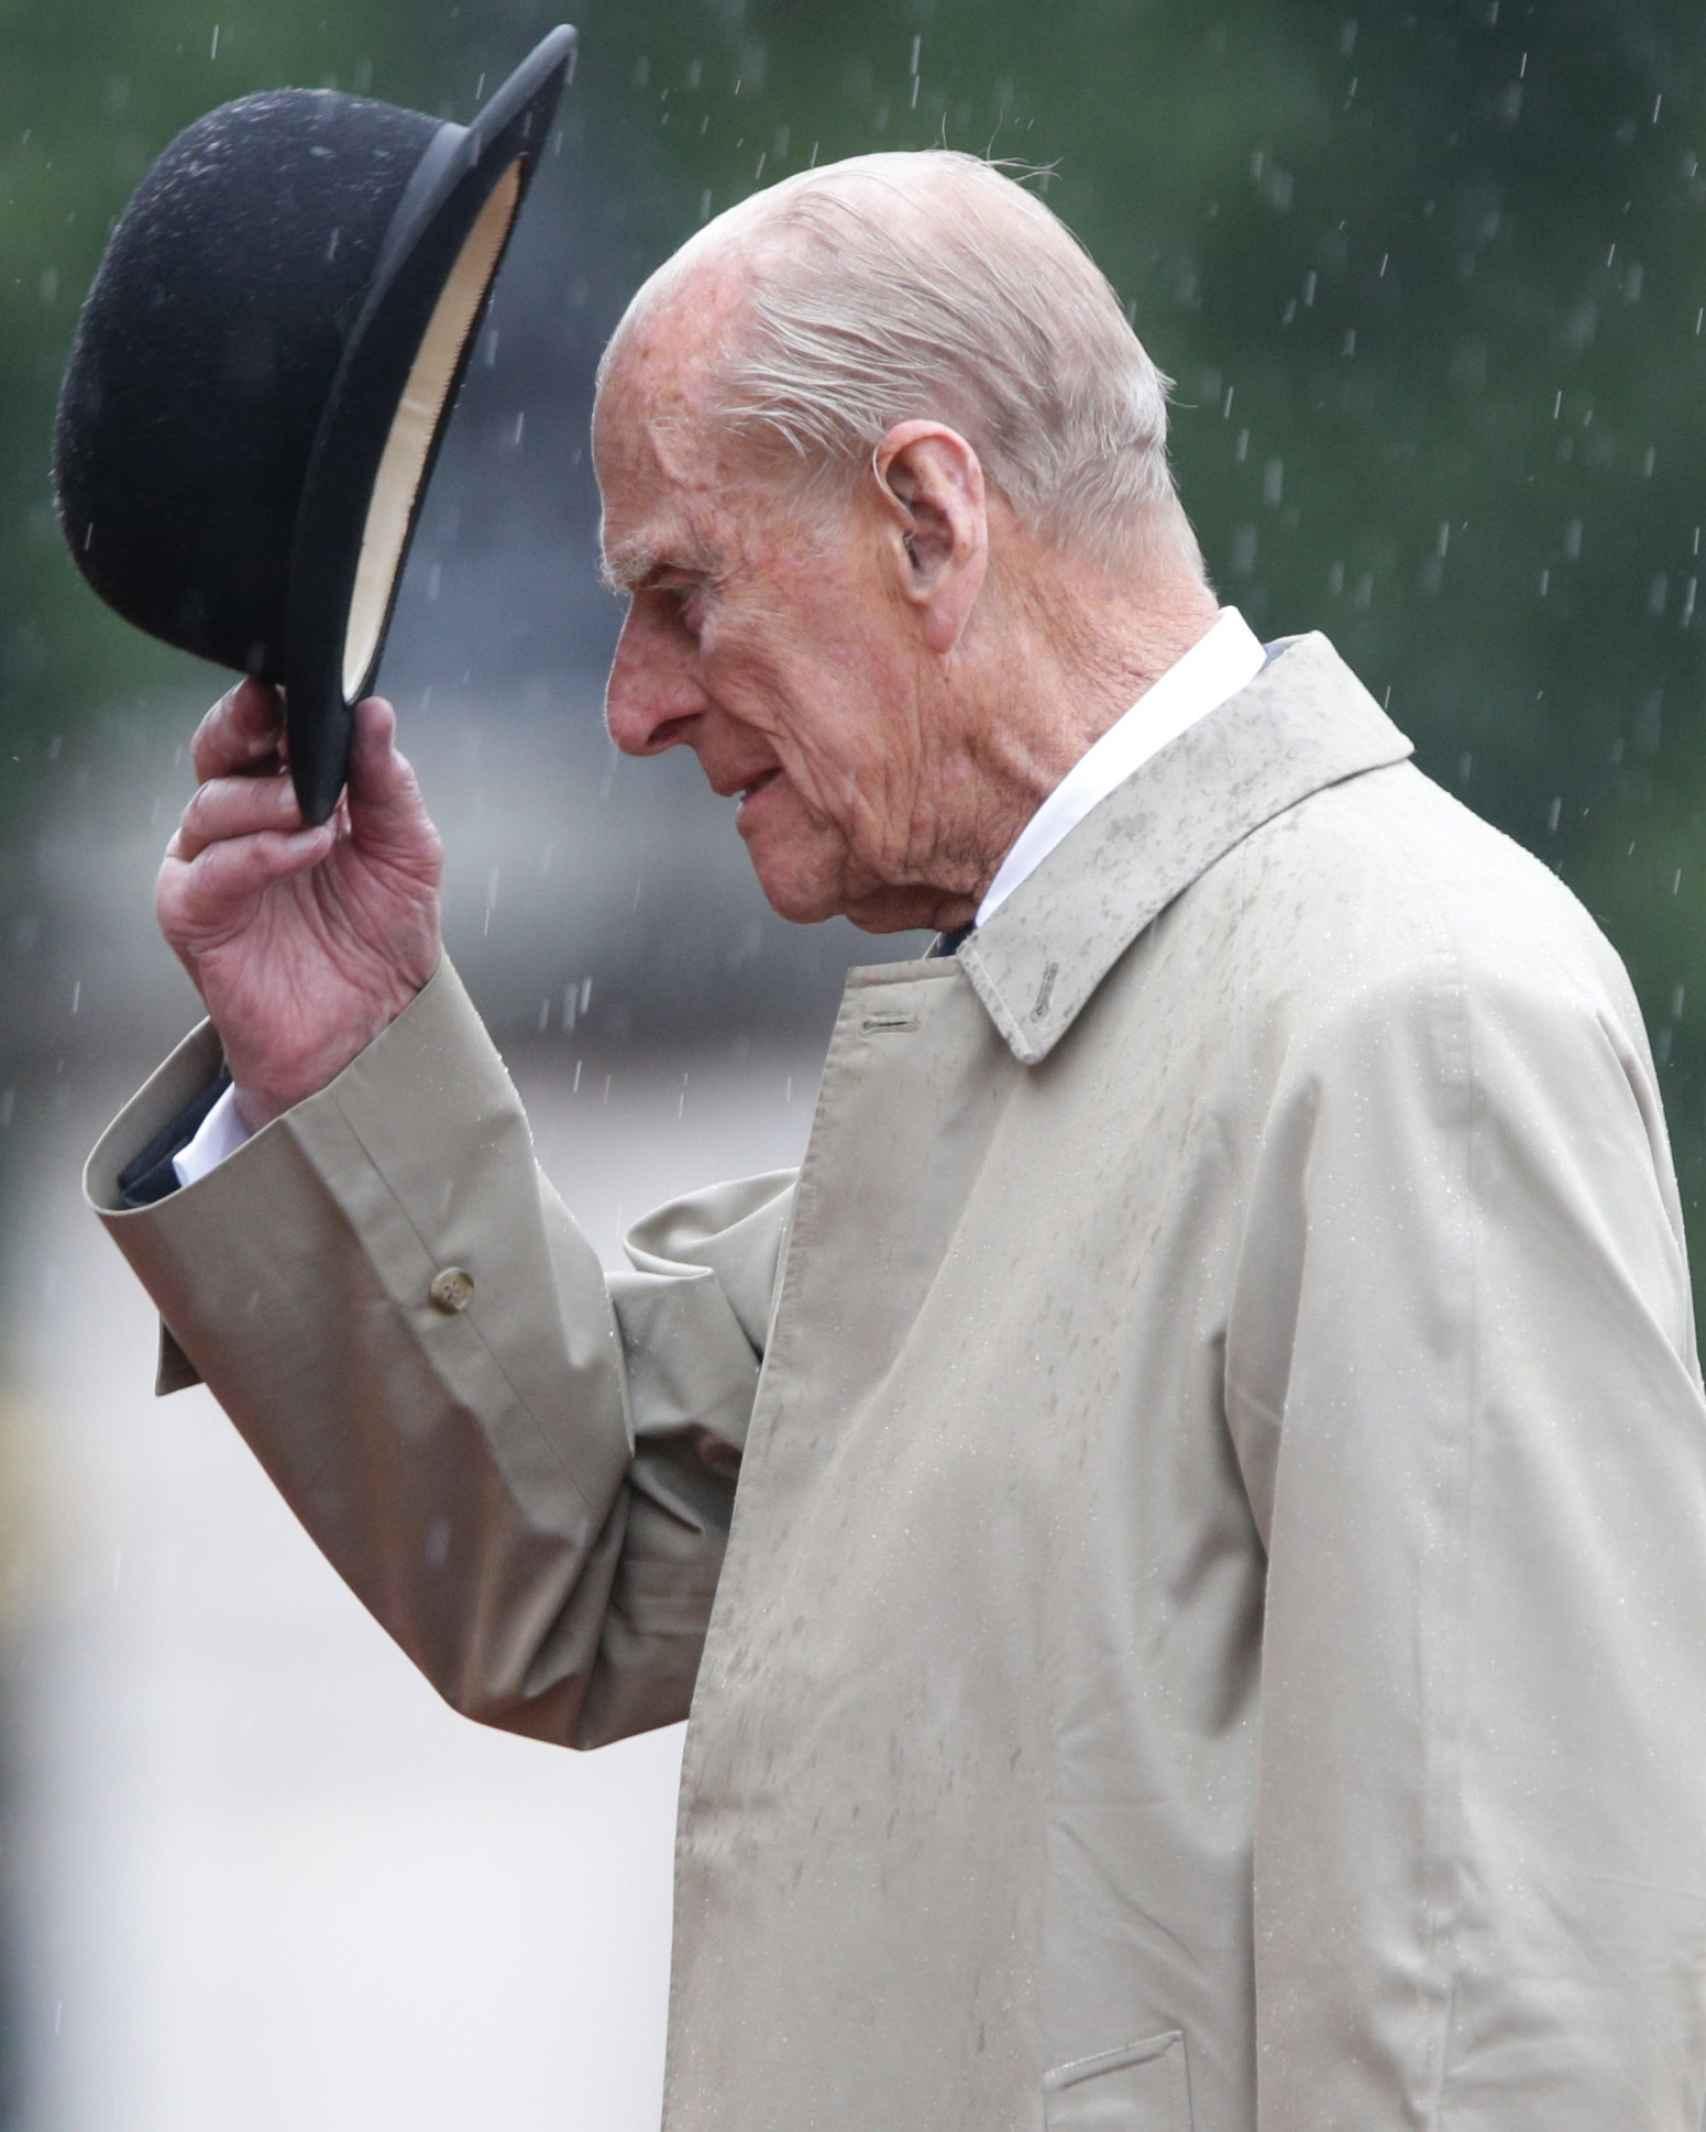 El duque de Edimburgo en su último acto institucional de carácter público en el verano de 2017 en Londres.